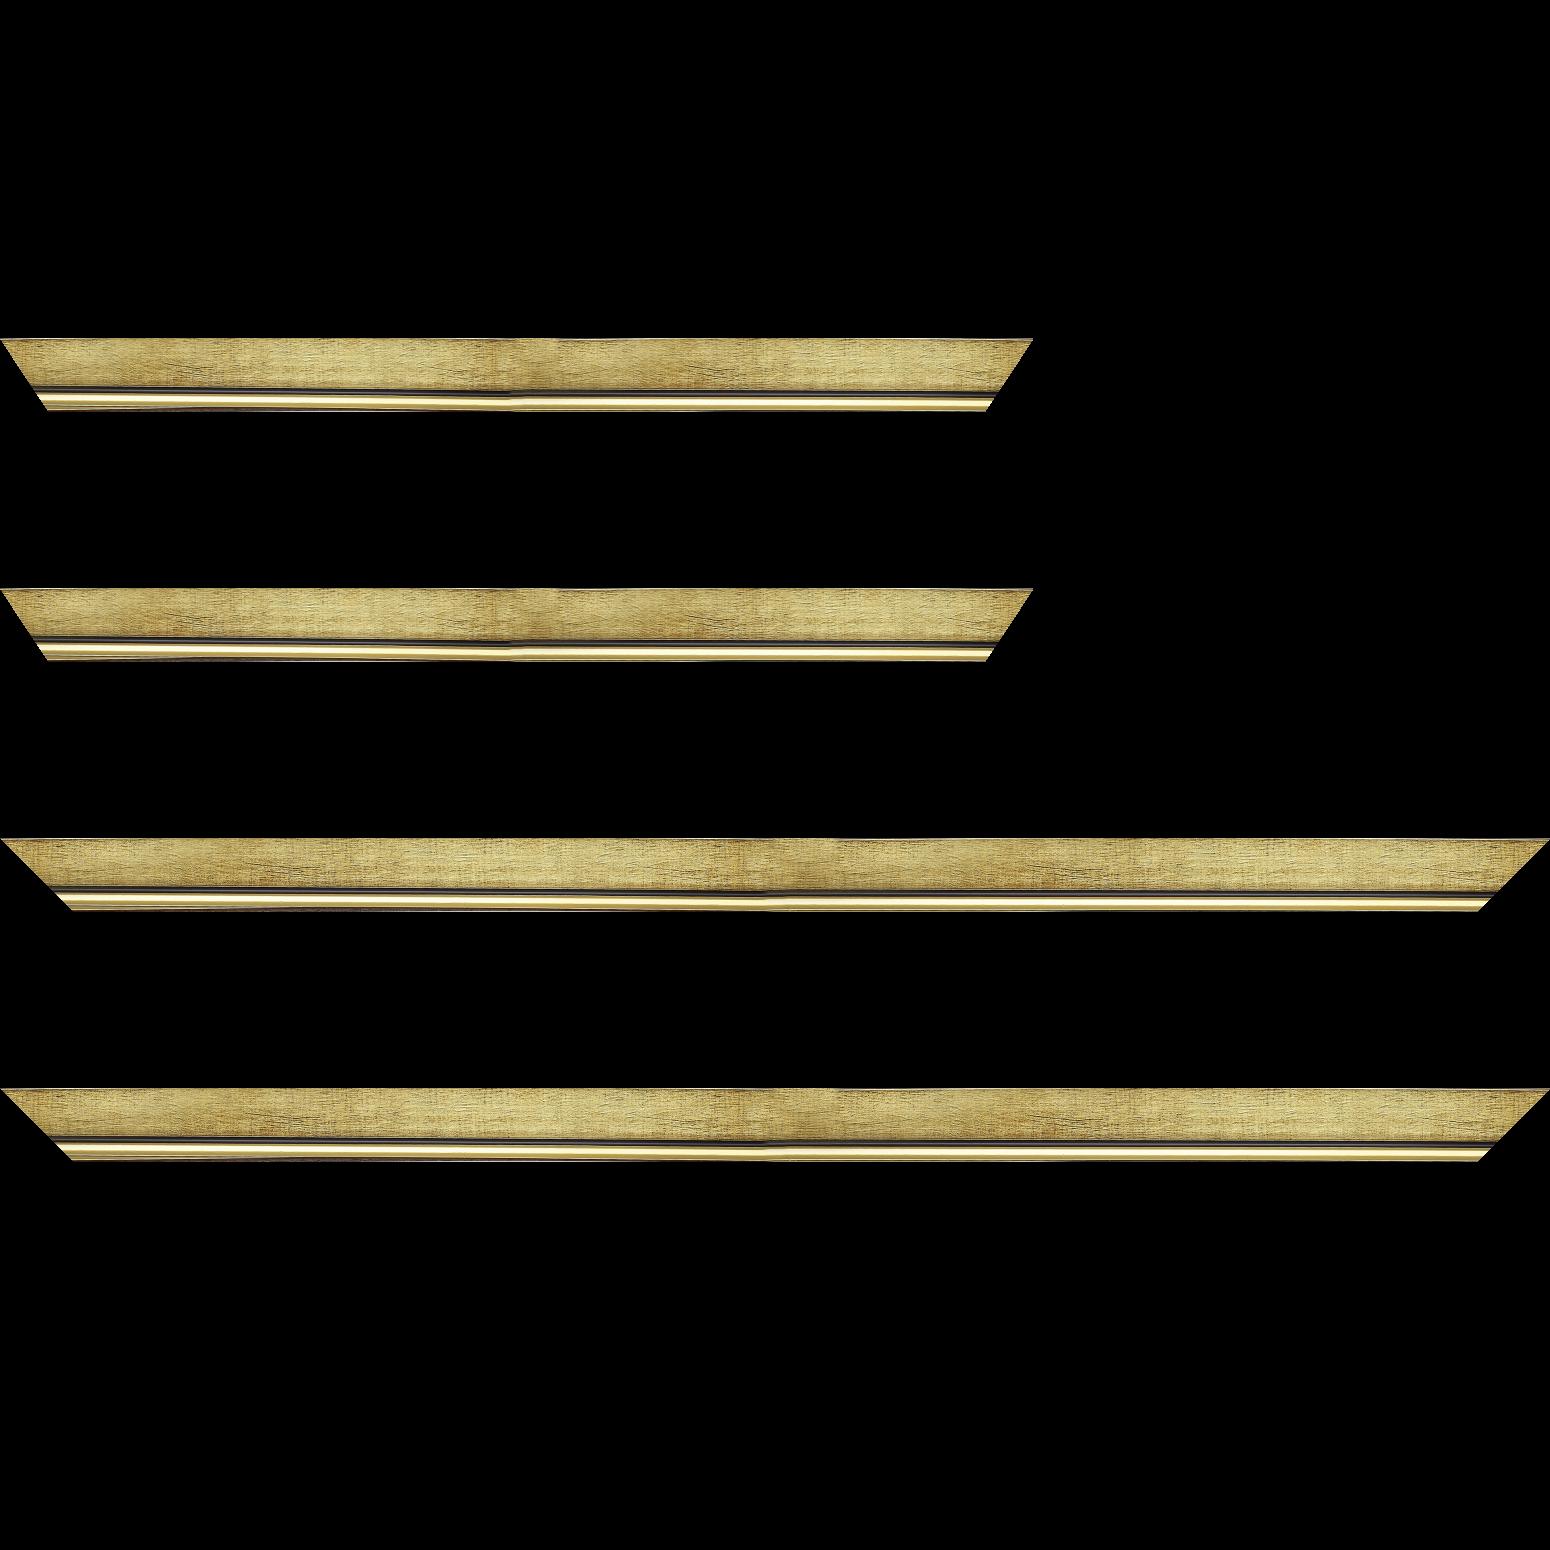 Baguette service précoupé Bois profil plat largeur 2.5cm couleur or filet or surligné noir